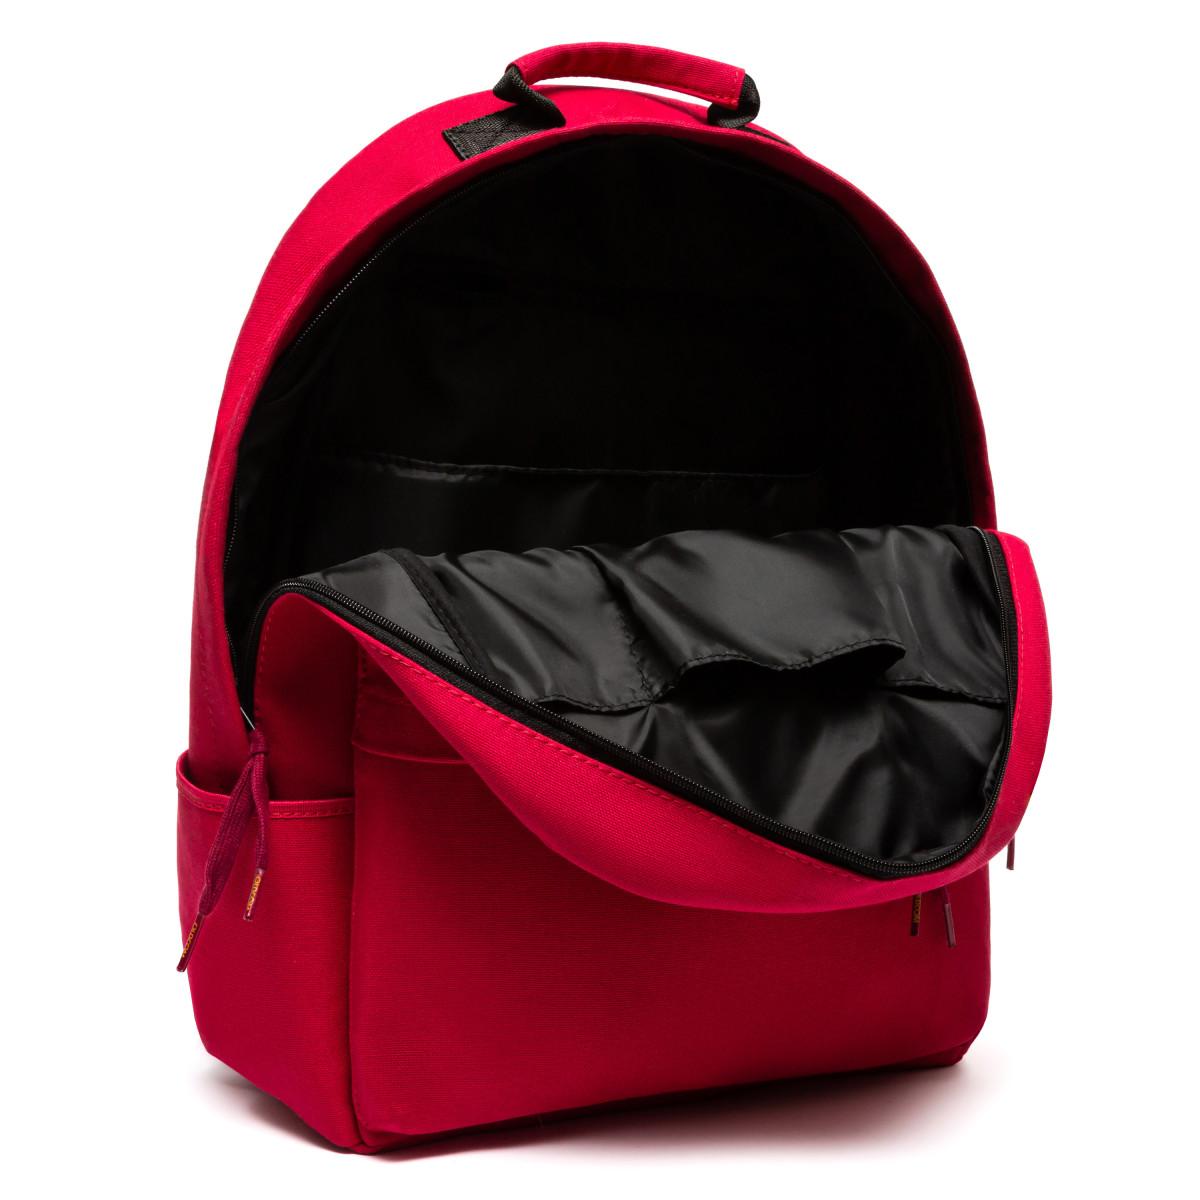 Backpack TRAVEL, fuchsia